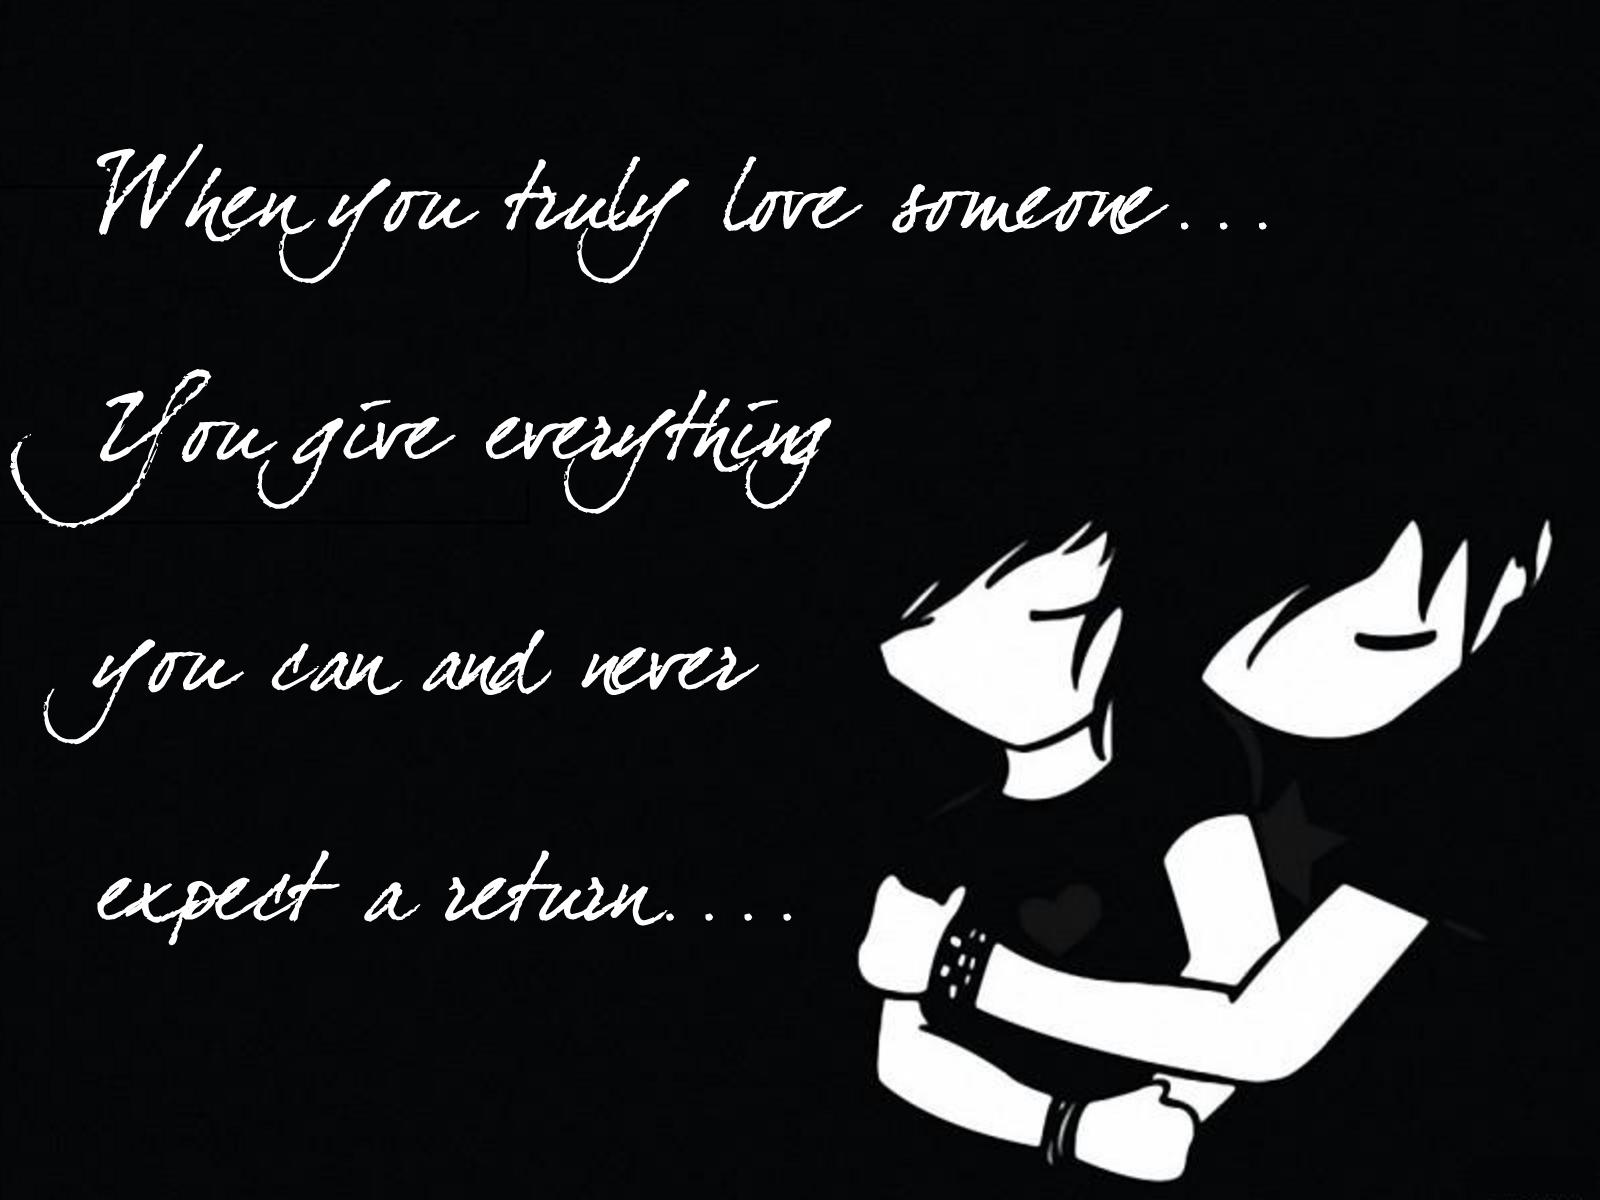 Kata Kata Cinta Romantis So Sweet Banget Cerita Motivasi Terbaik